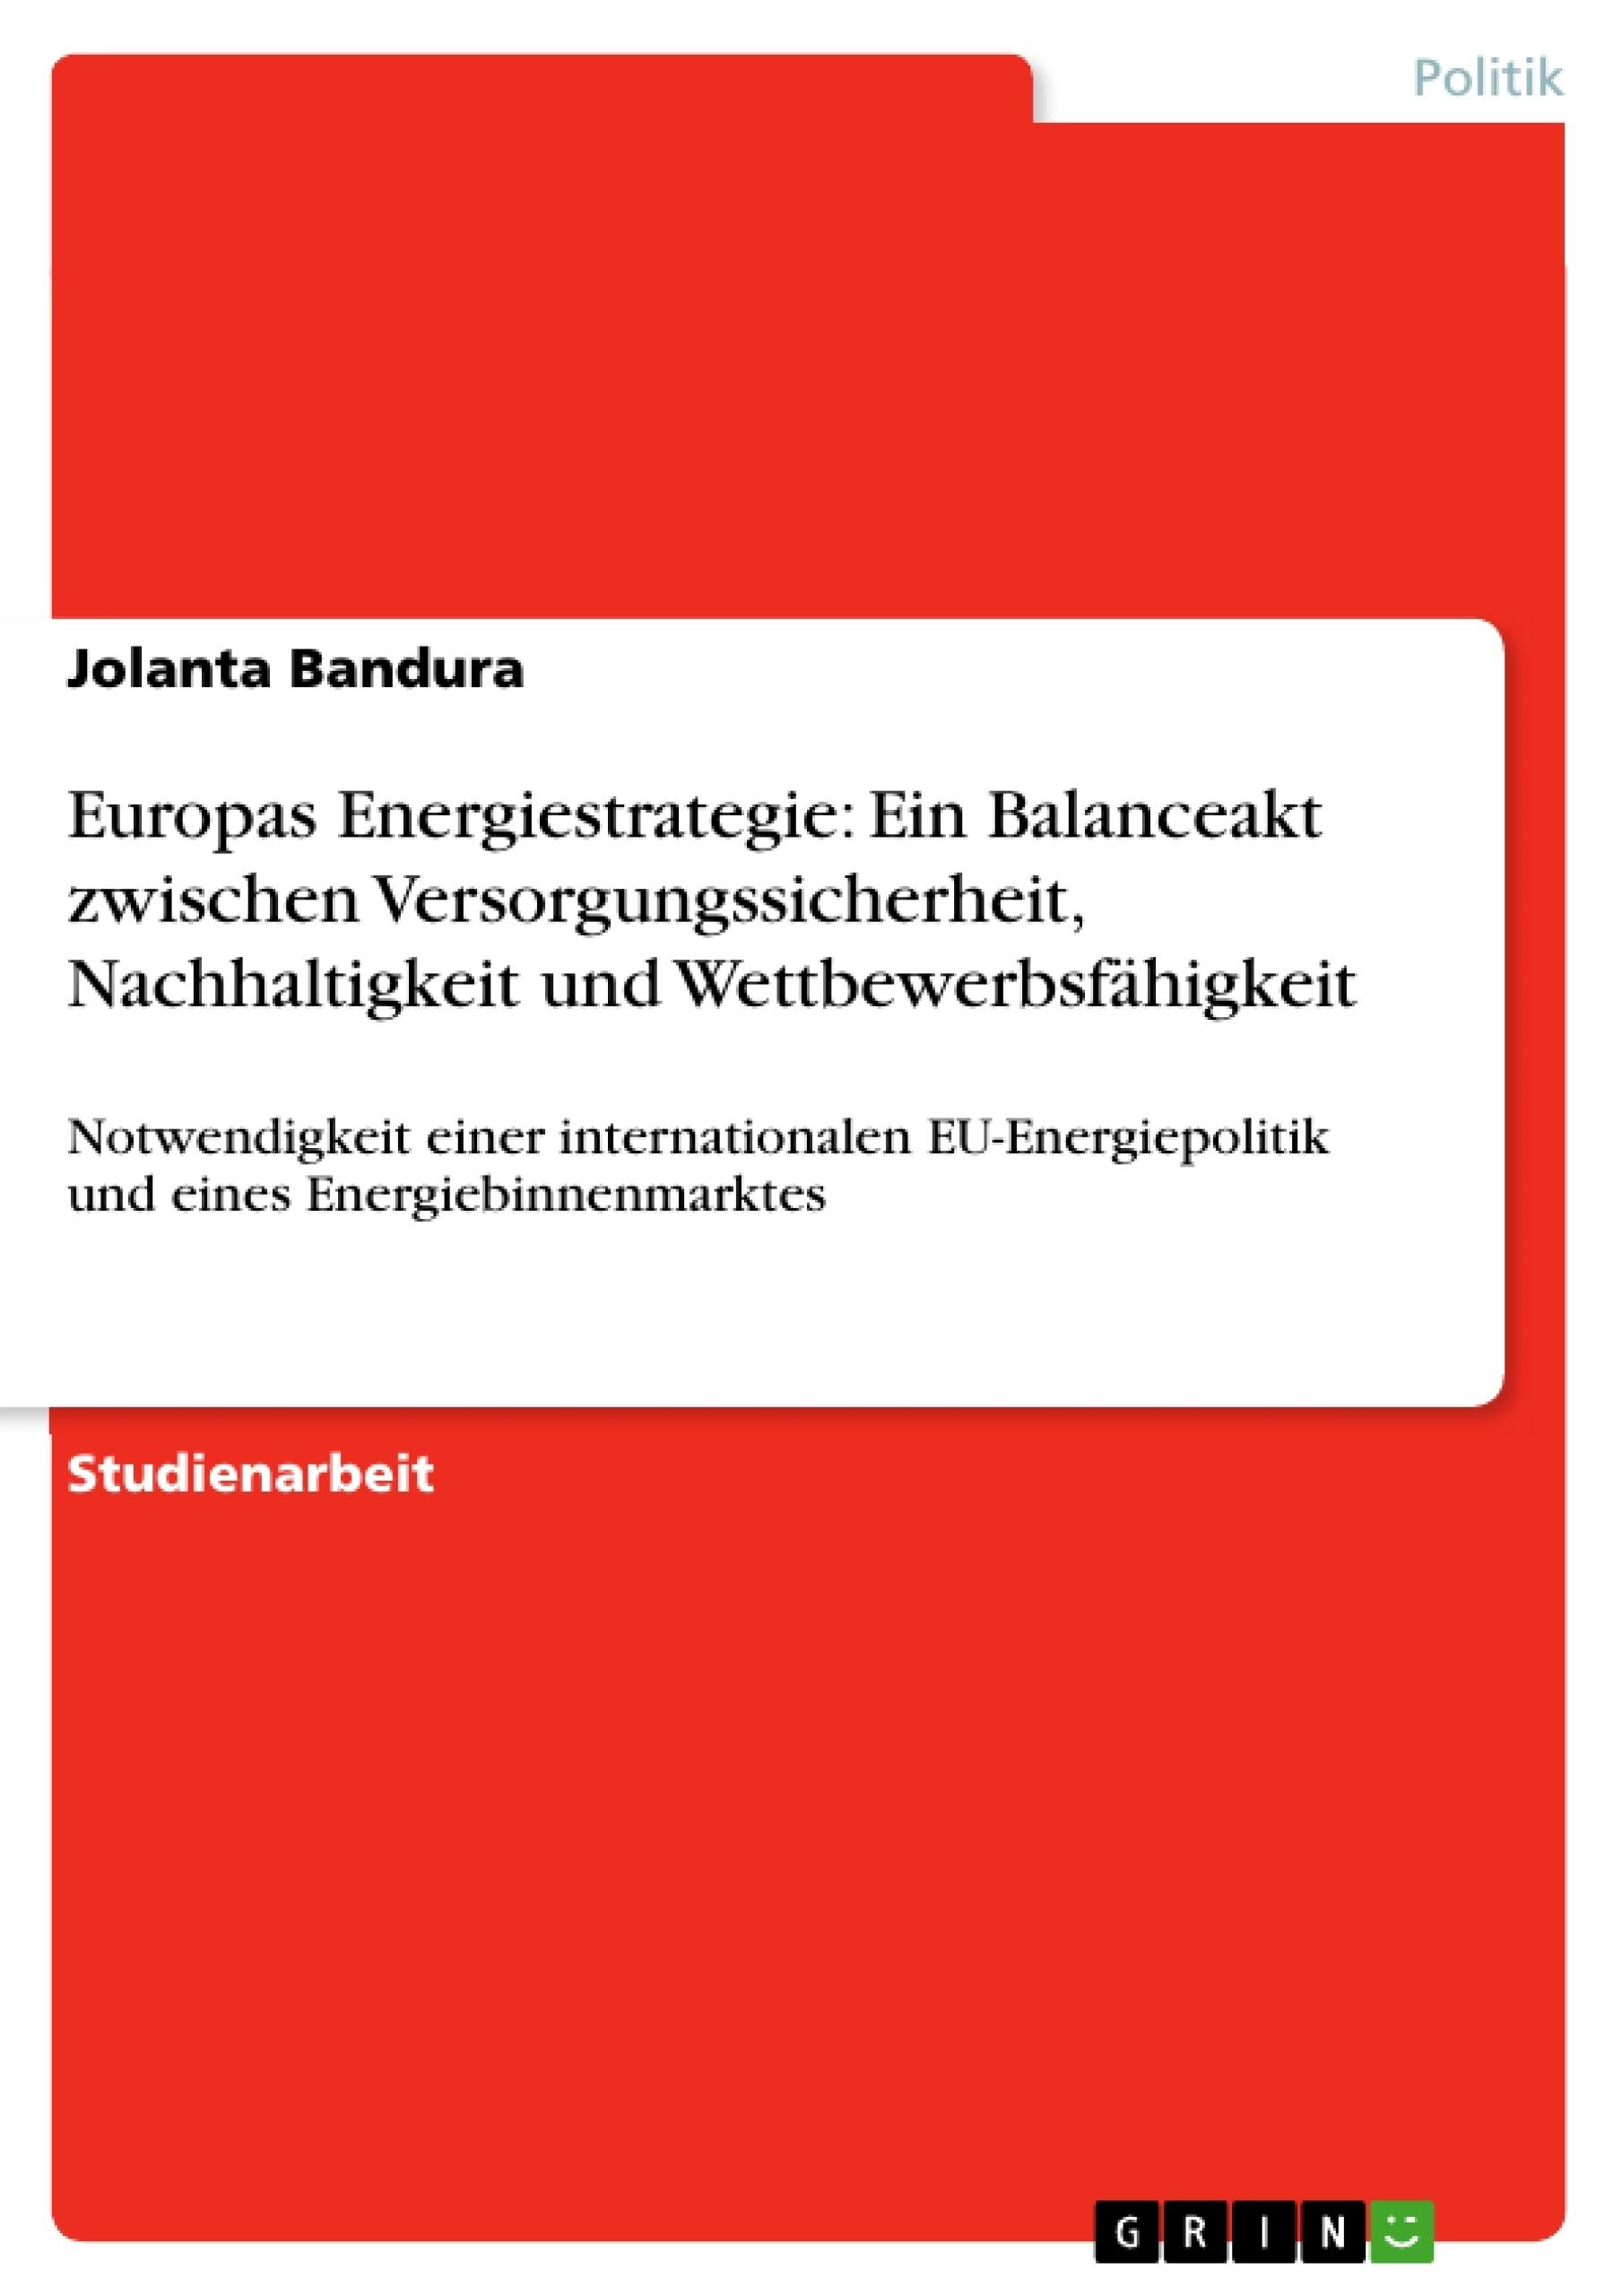 Titel: Europas Energiestrategie: Ein Balanceakt zwischen Versorgungssicherheit, Nachhaltigkeit und Wettbewerbsfähigkeit